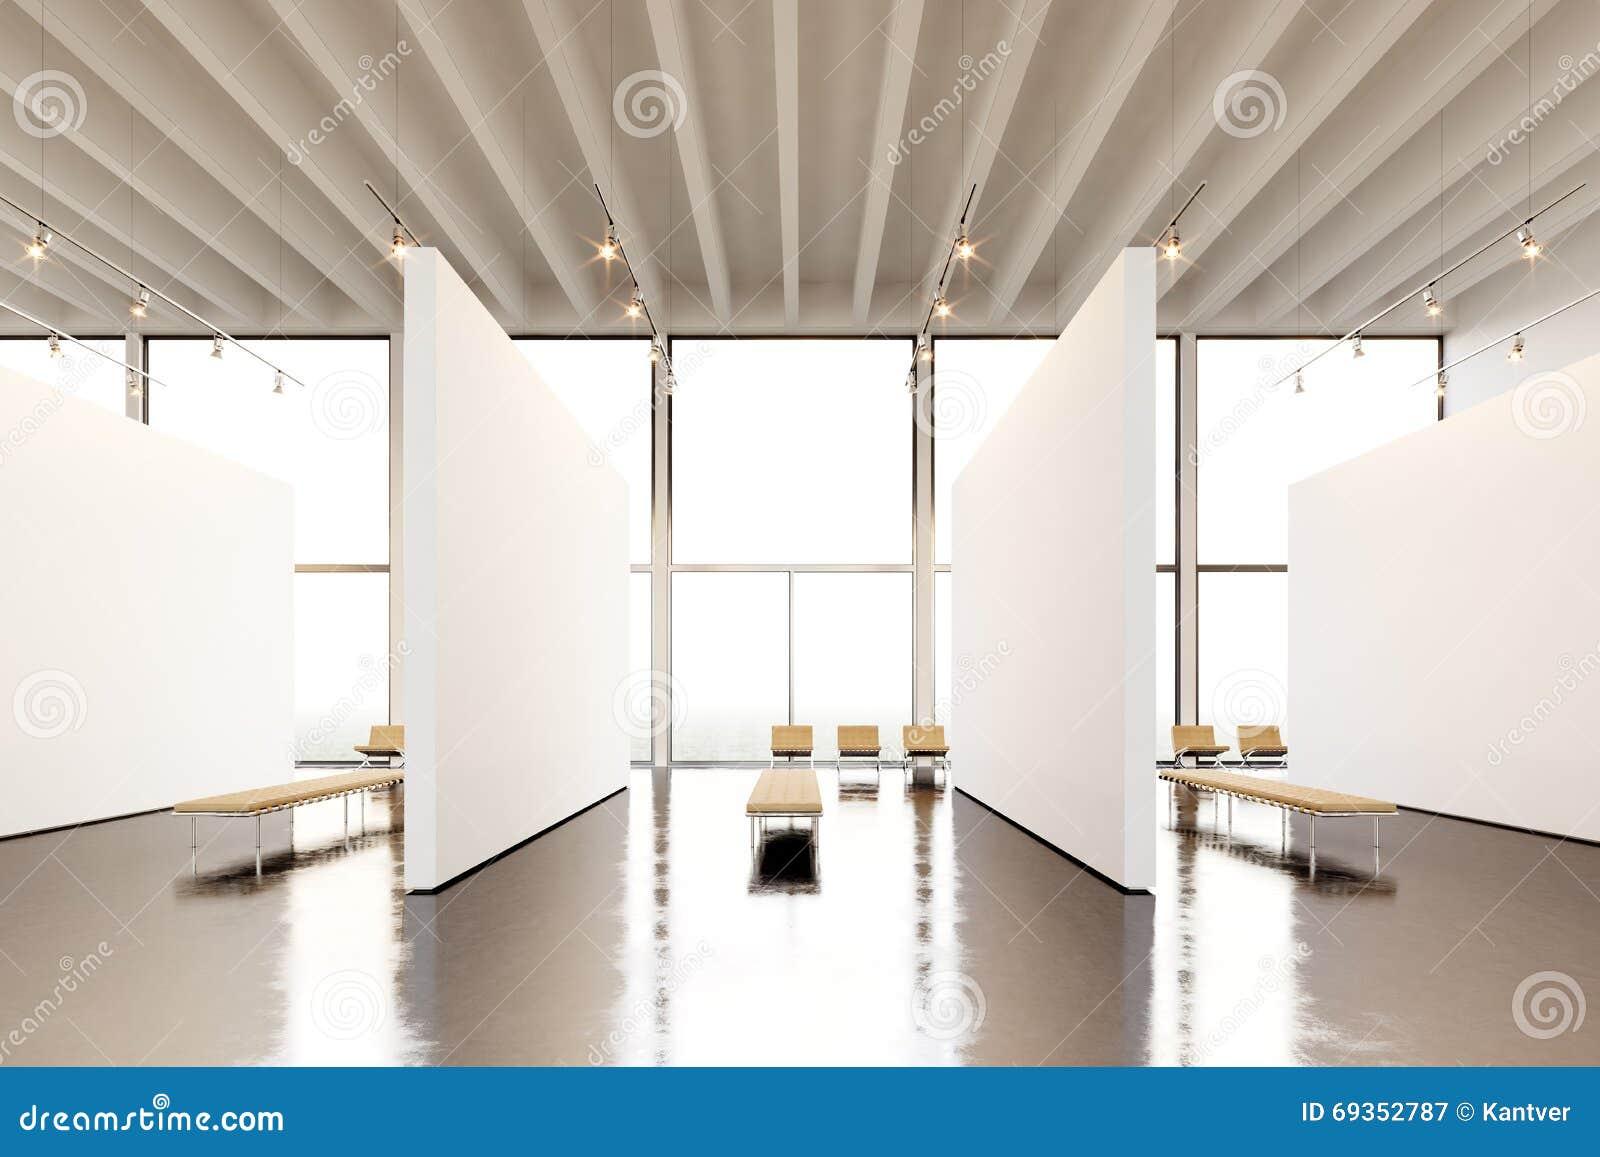 Galerie moderne de l 39 espace d 39 exposition de photo toile for Le vide interieur